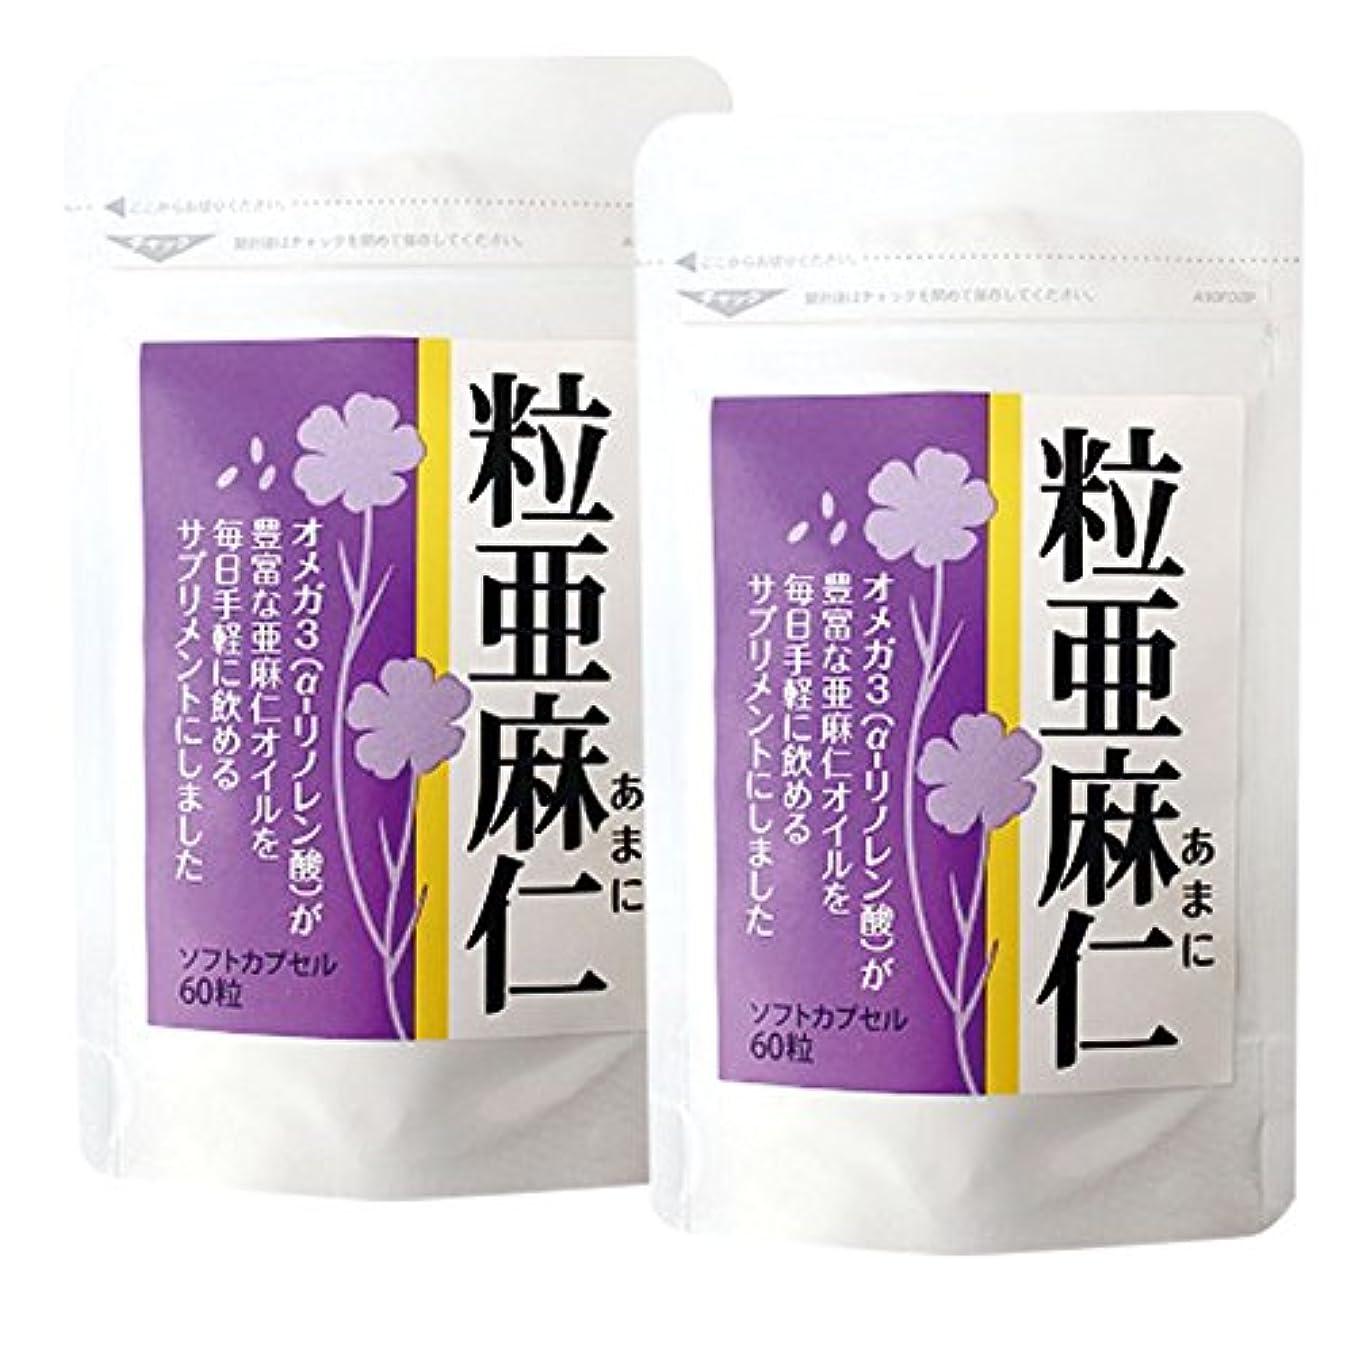 間違い書士退屈粒亜麻仁(60粒)×2袋セット